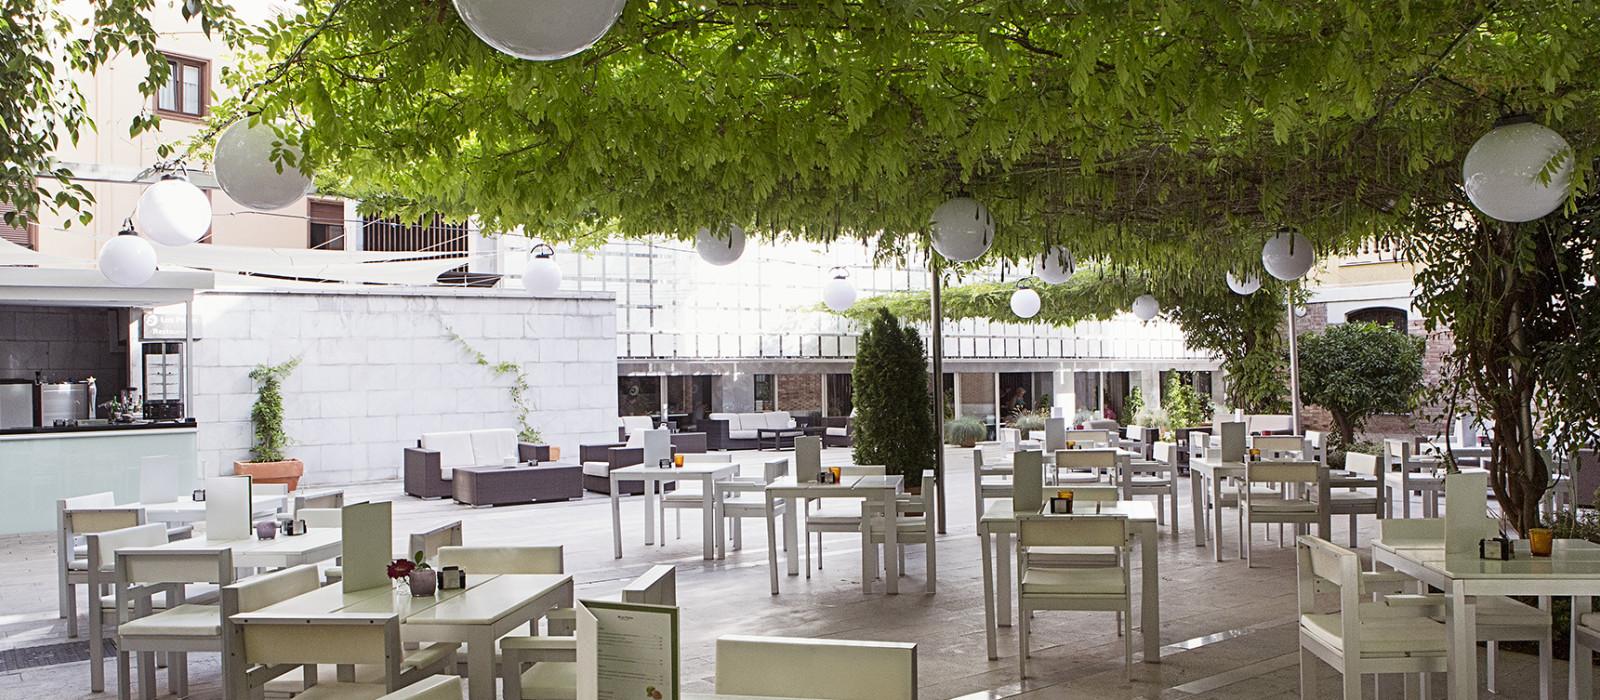 Hotel  Hospes Palacio de los Patos Spain